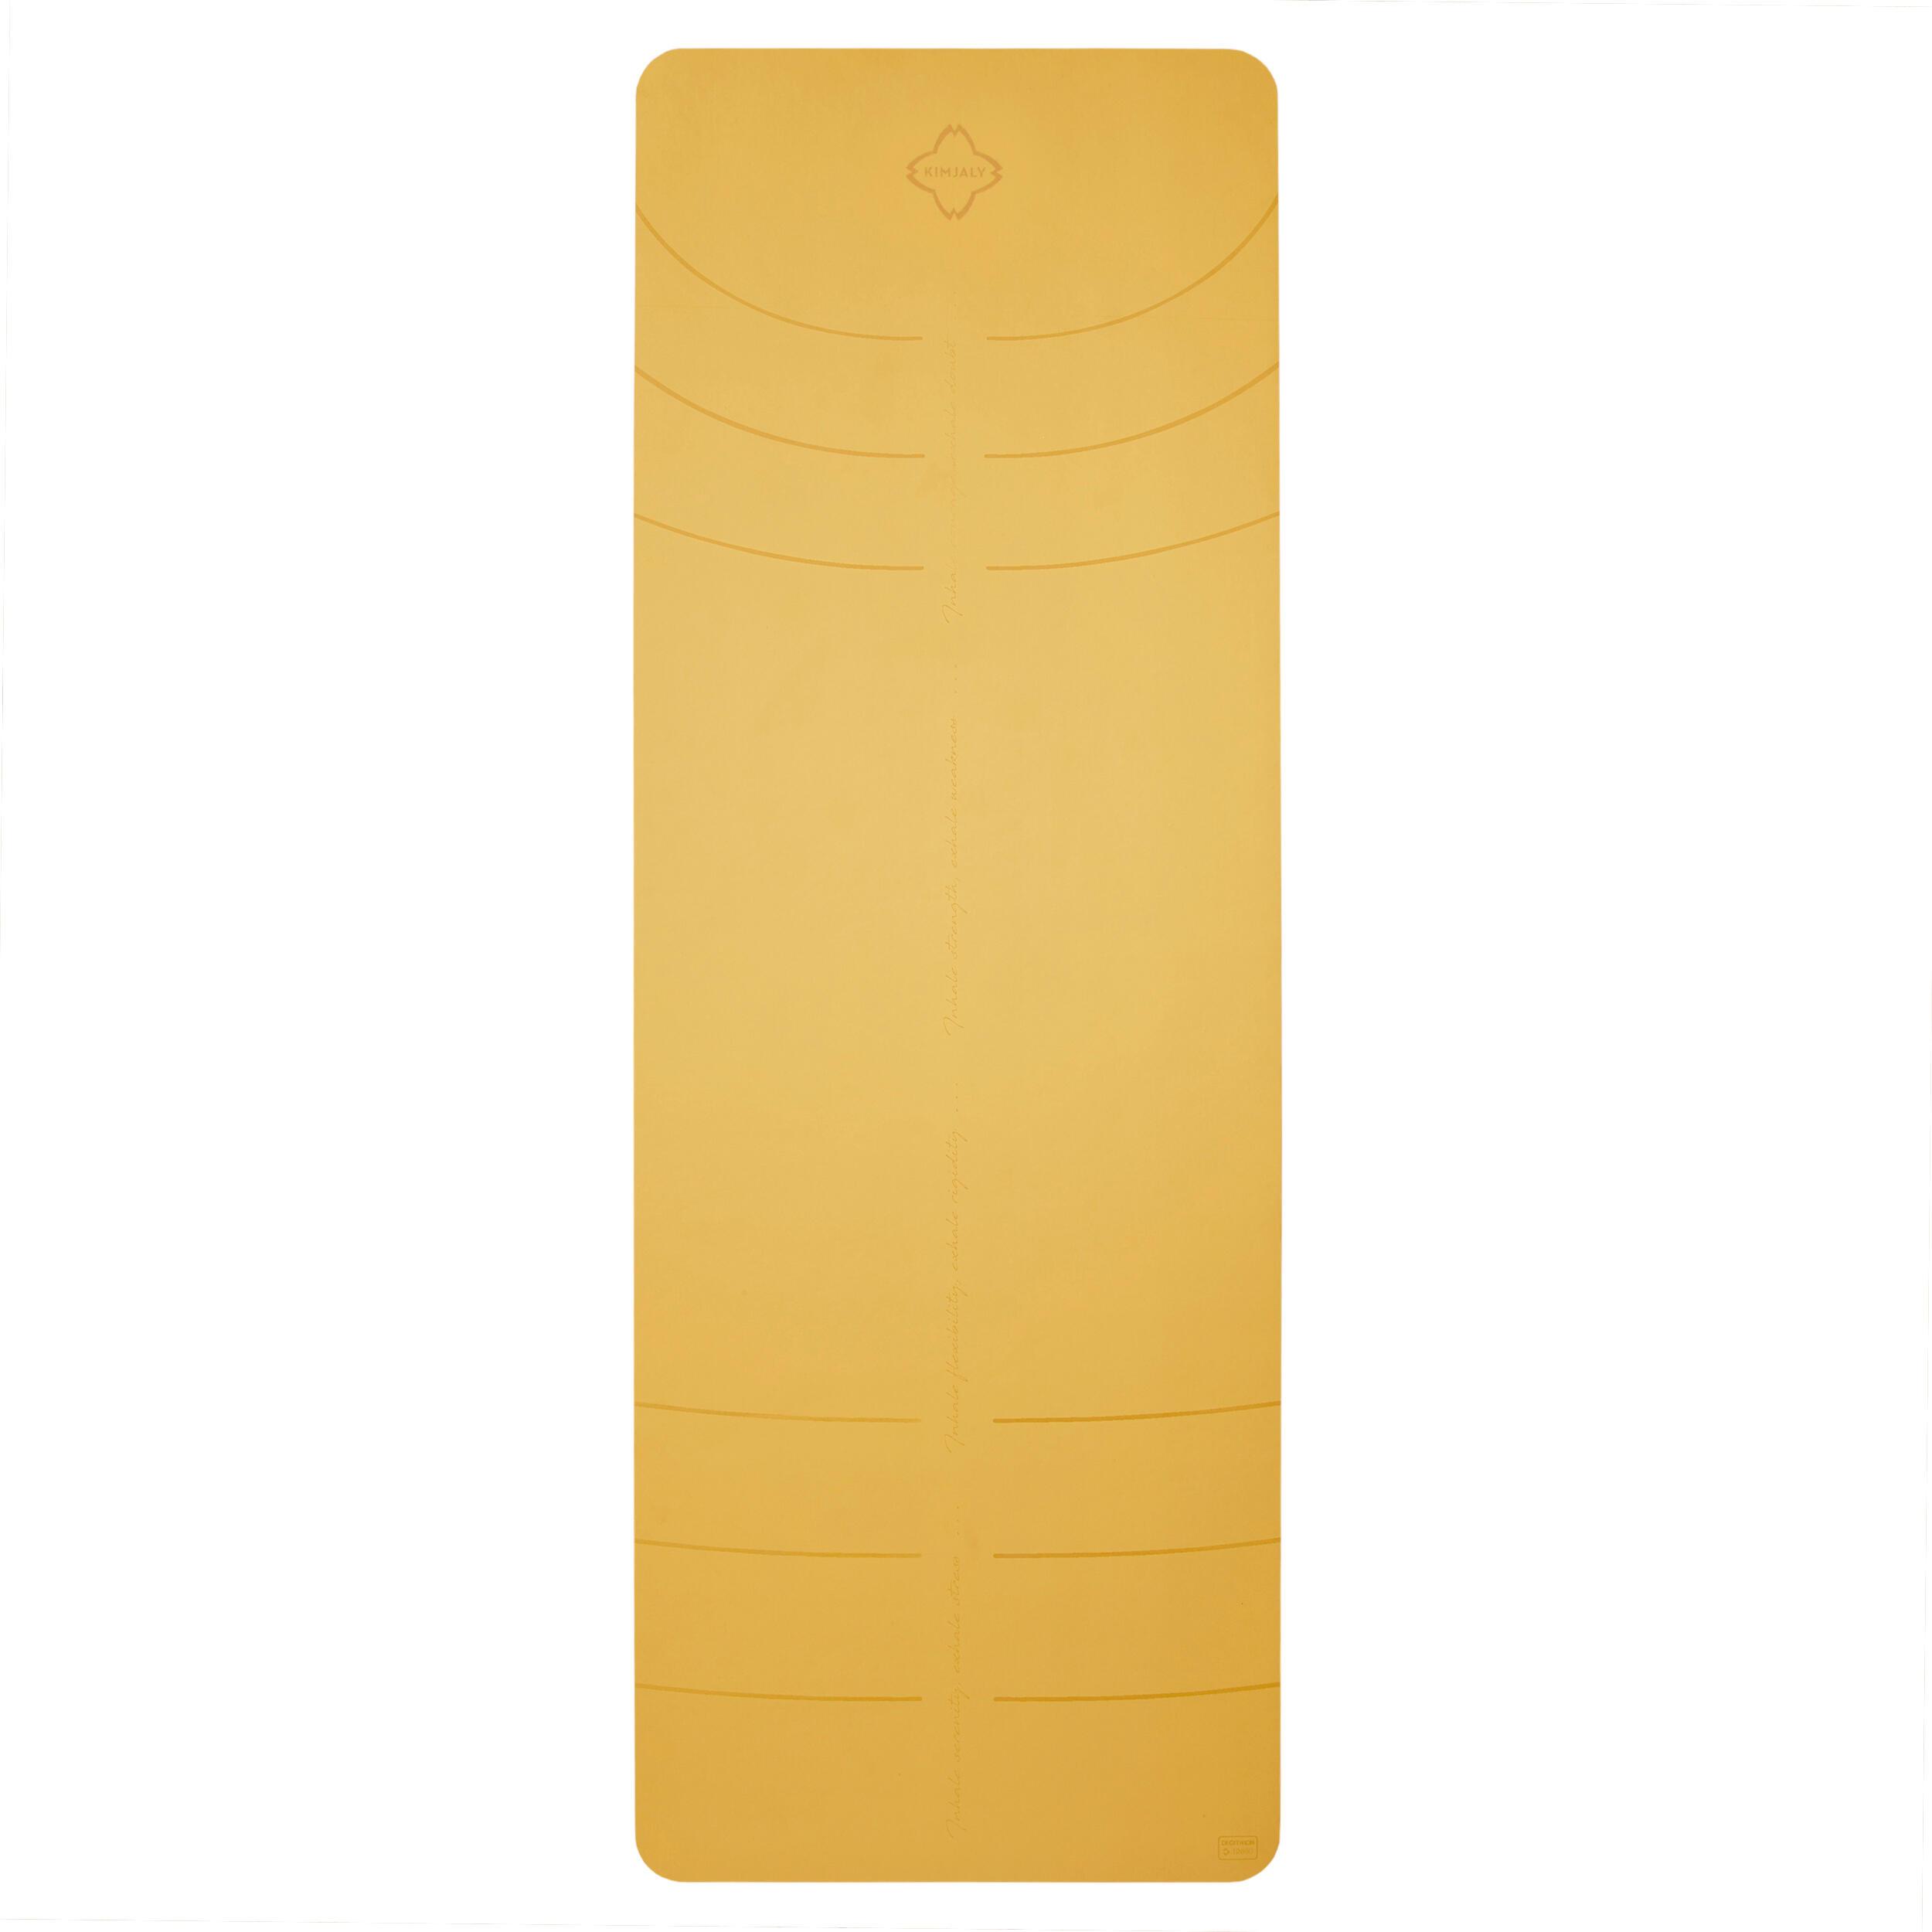 kimjaly tappetino yoga grip+ 3mm giallo